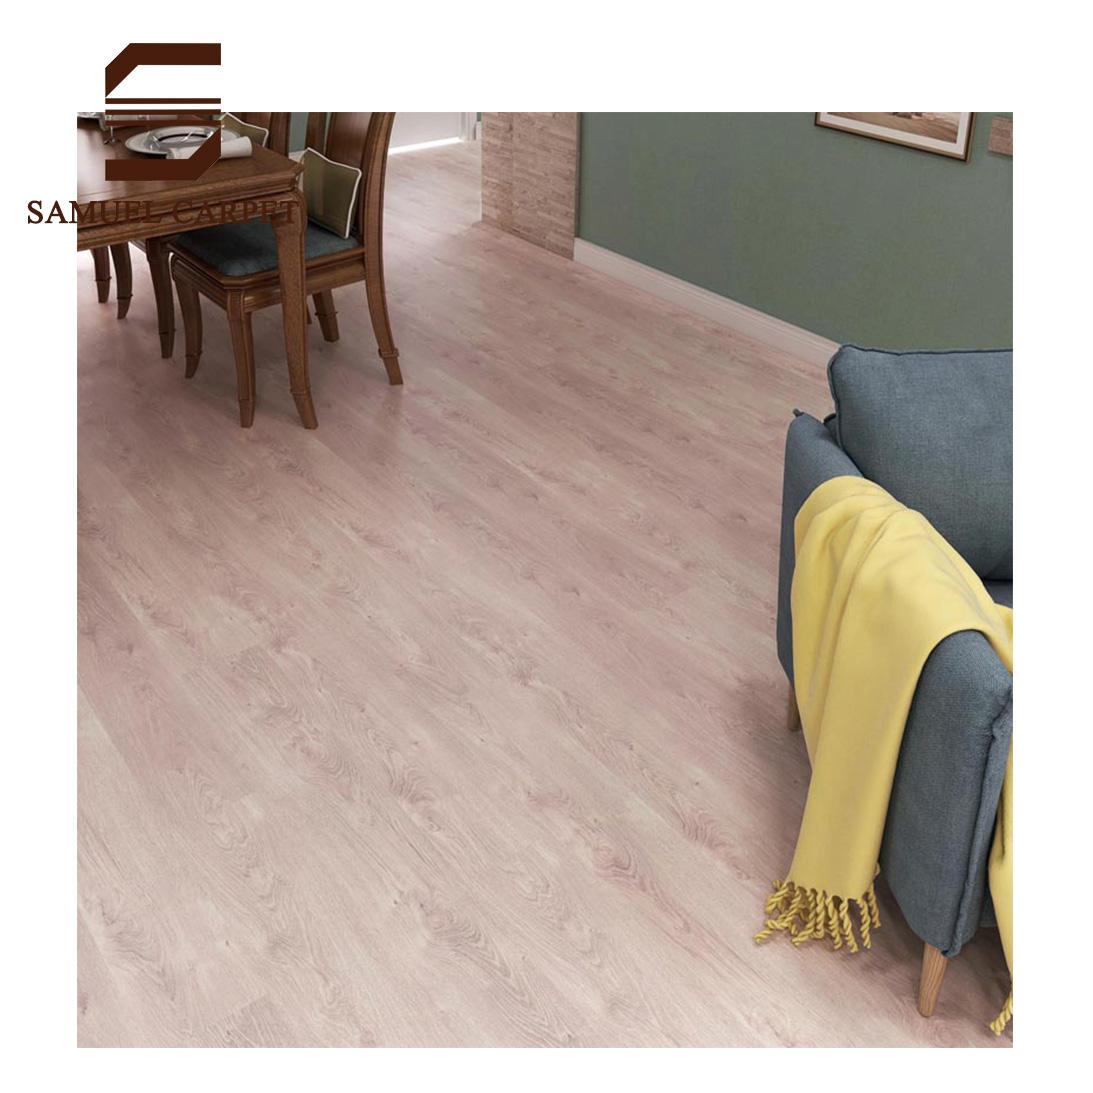 Fireproof Waterproof  PVC Vinyl Tile Eco-Friendly Spc Vinyl Flooring